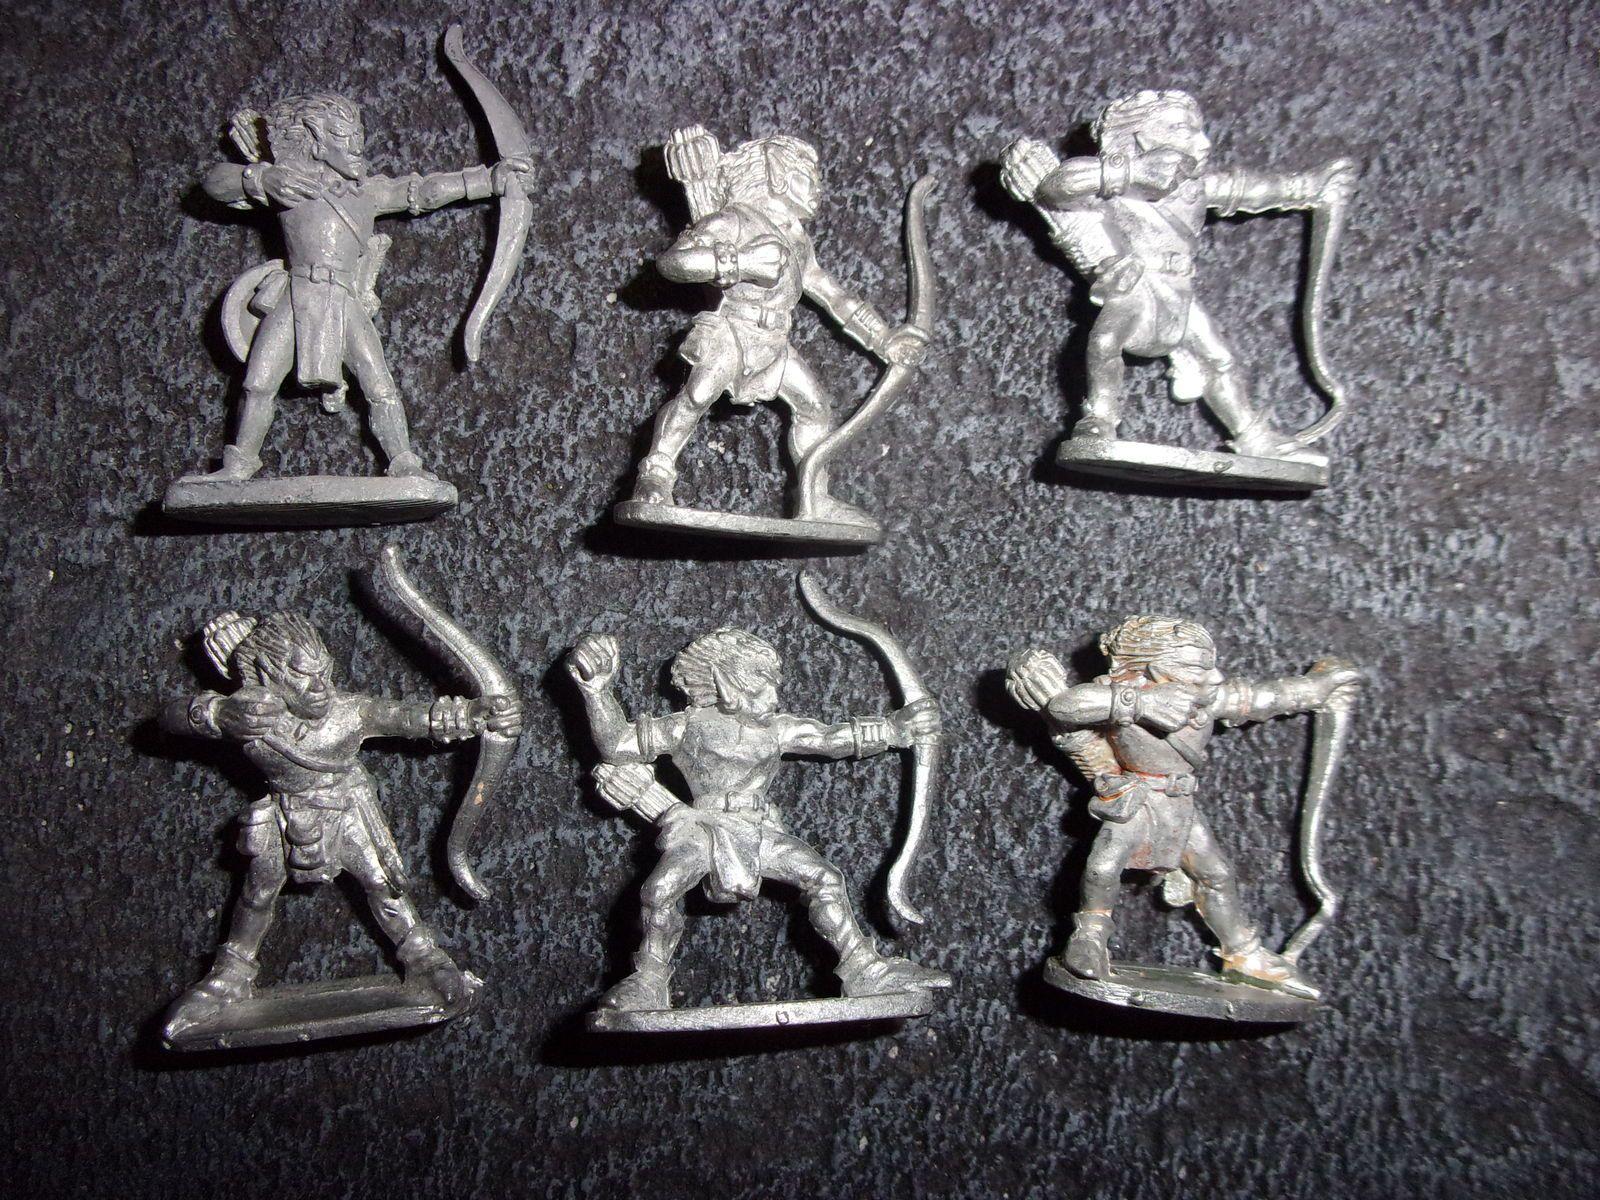 Des figurines Grenadier pour de l'escarmouche!